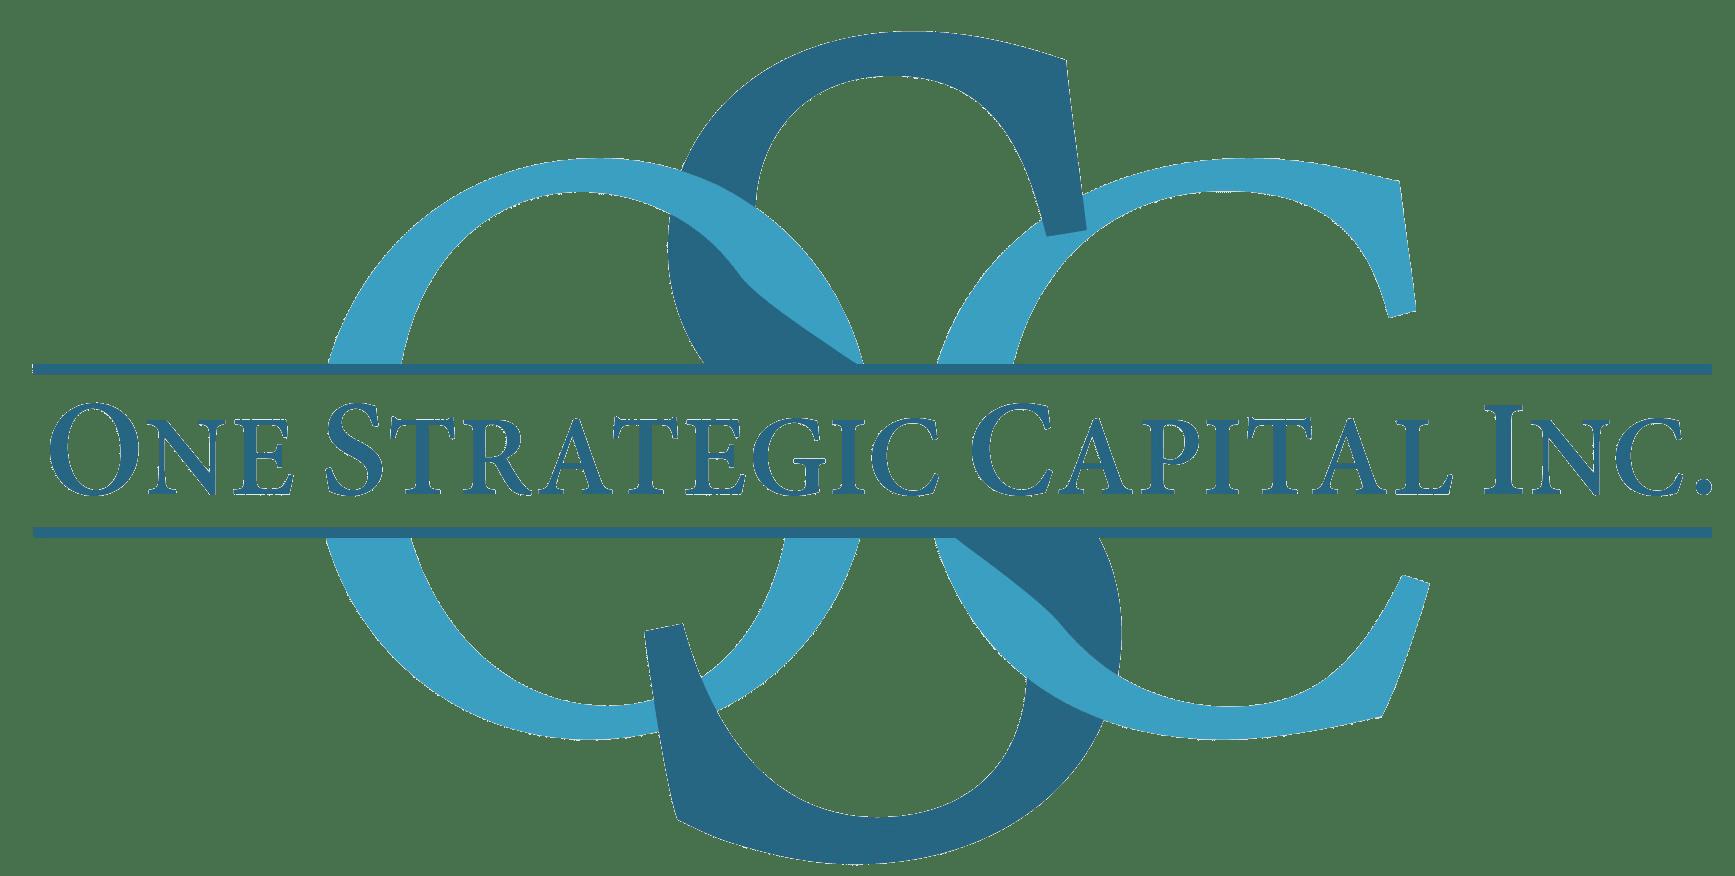 One Strategic Capital, Inc